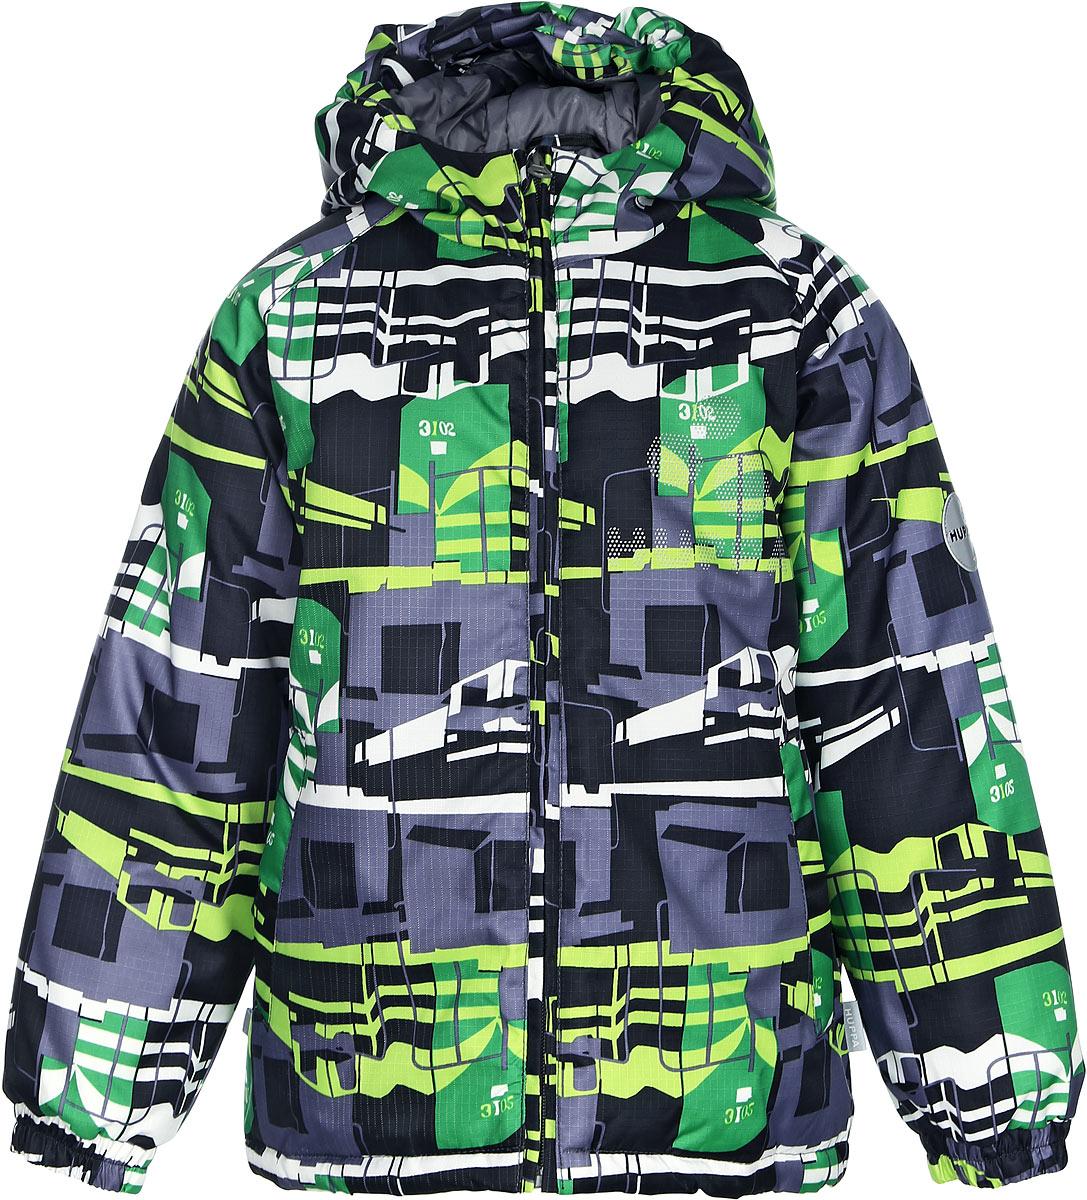 Куртка детская Huppa Classy, цвет: темно-серый. 17710030-818. Размер 15217710030-818Детская куртка Huppa изготовлена из водонепроницаемого полиэстера. Куртка с капюшоном застегивается на пластиковую застежку-молнию с защитой подбородка. Края капюшона и рукавов собраны на внутренние резинки. У модели имеются два врезных кармана. Изделие дополнено светоотражающими элементами.